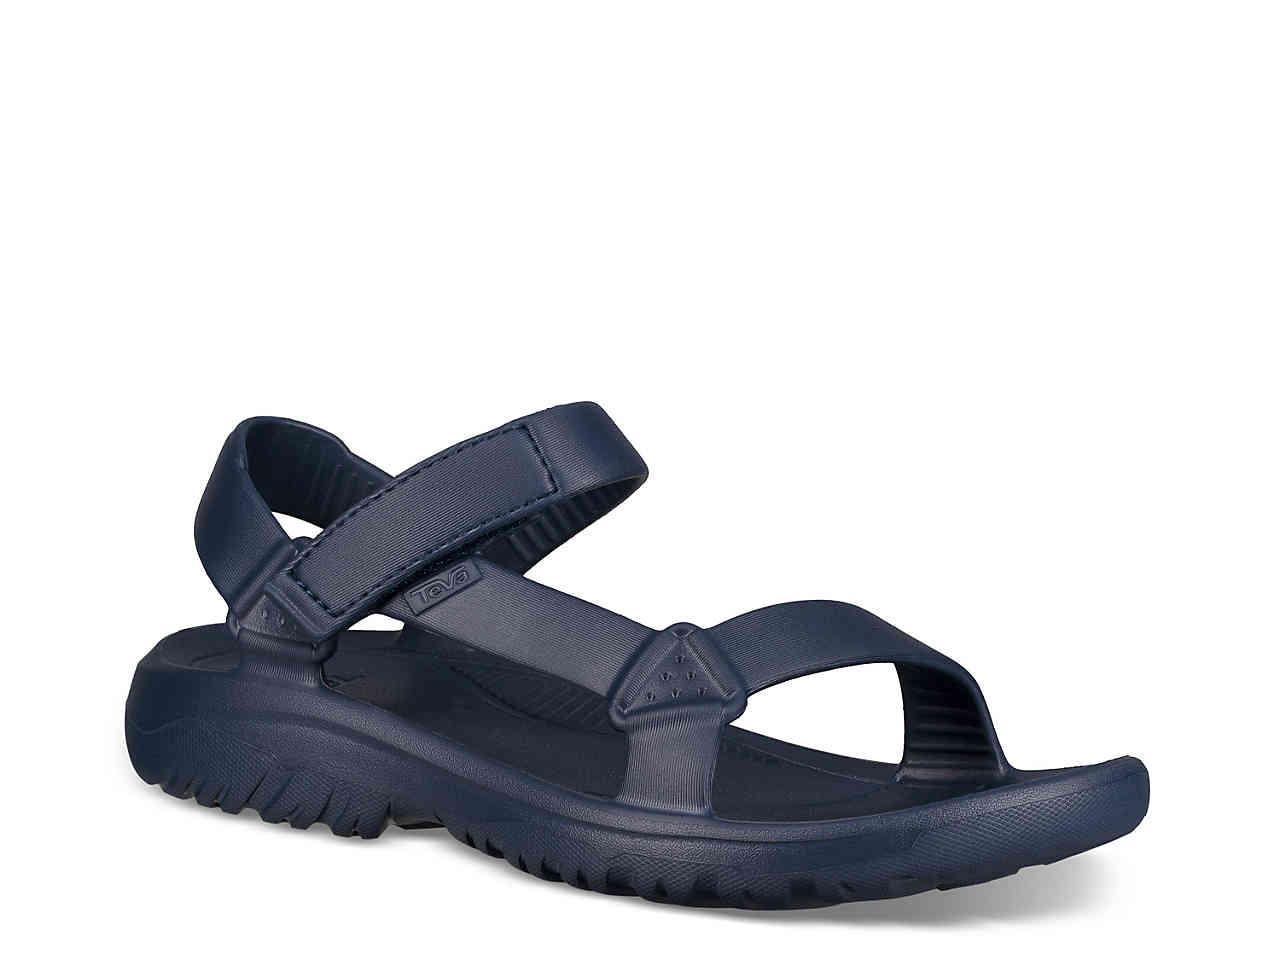 d851a71623e7 Lyst - Teva Hurricane Drift Sandal in Blue for Men